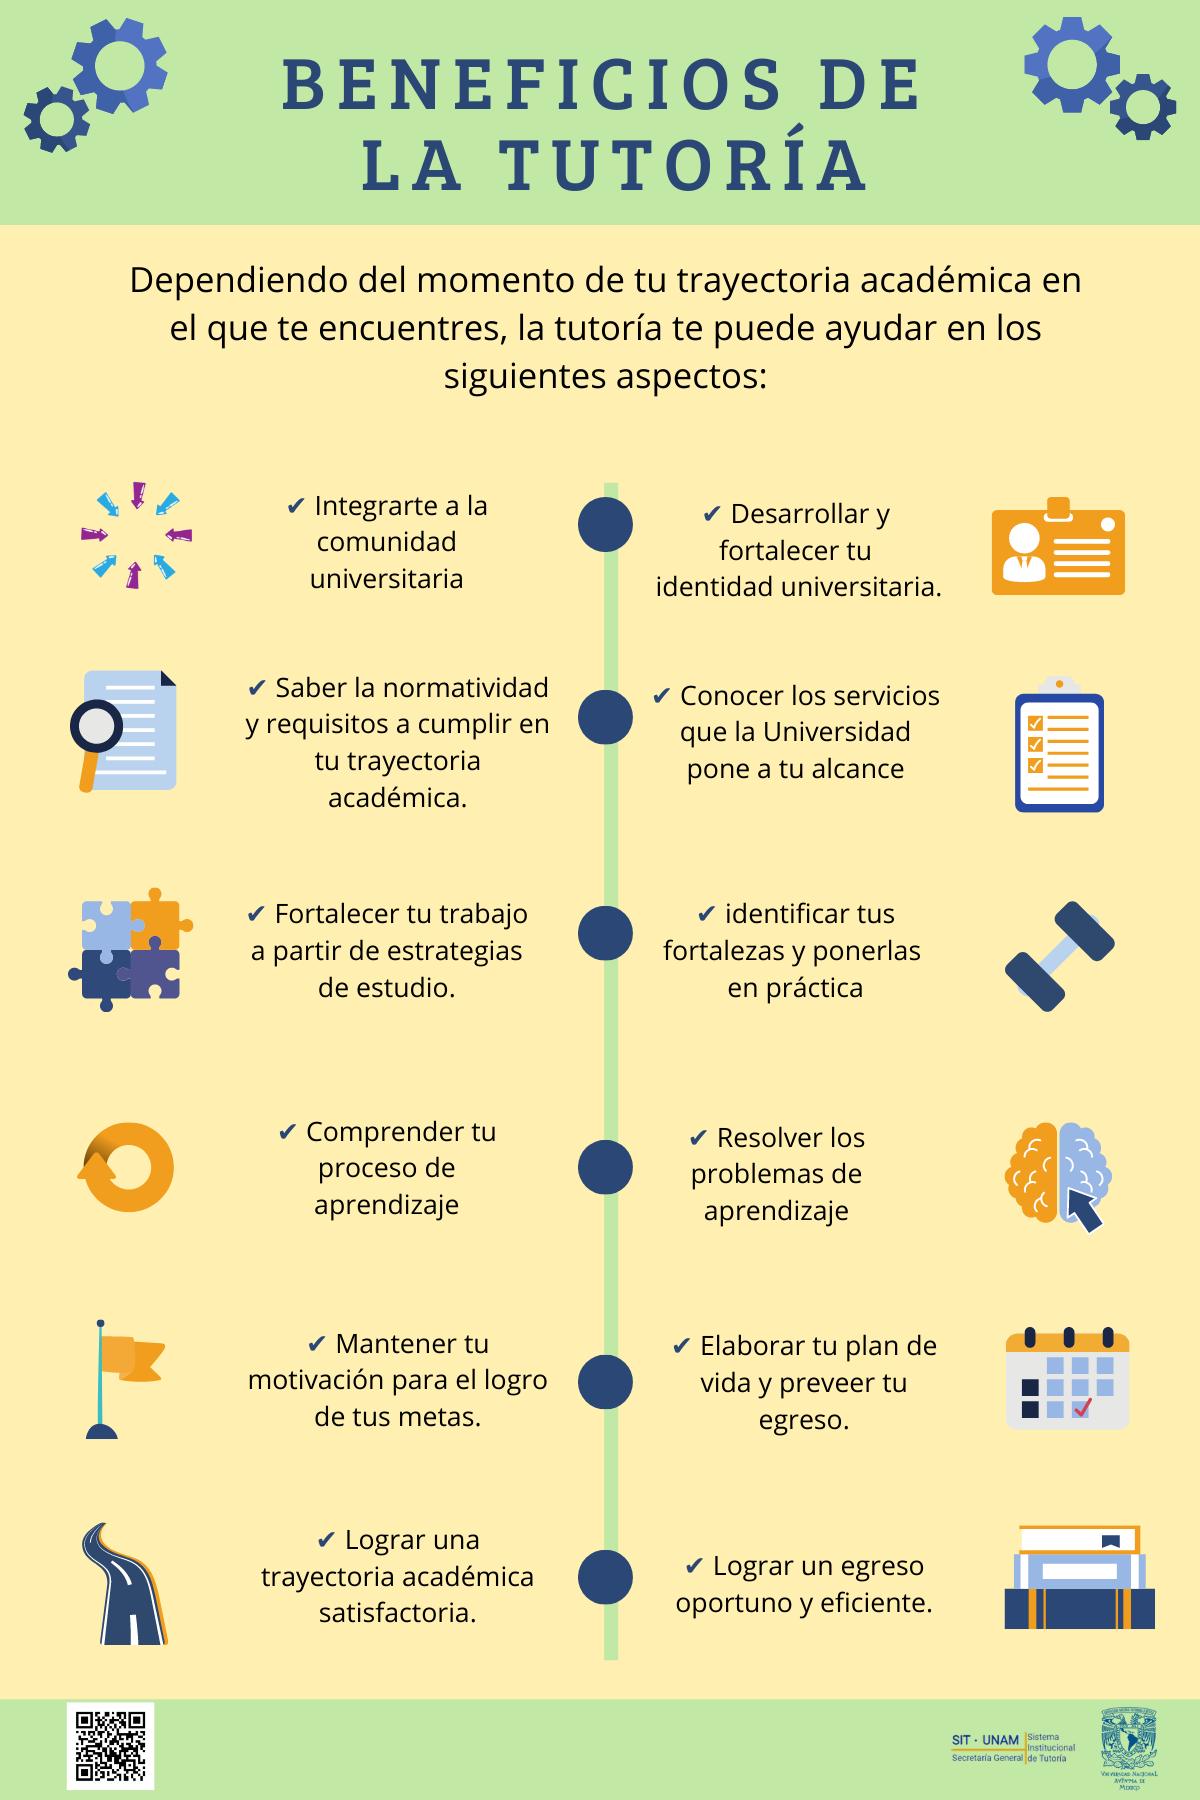 Beneficios_de_la_tutoría